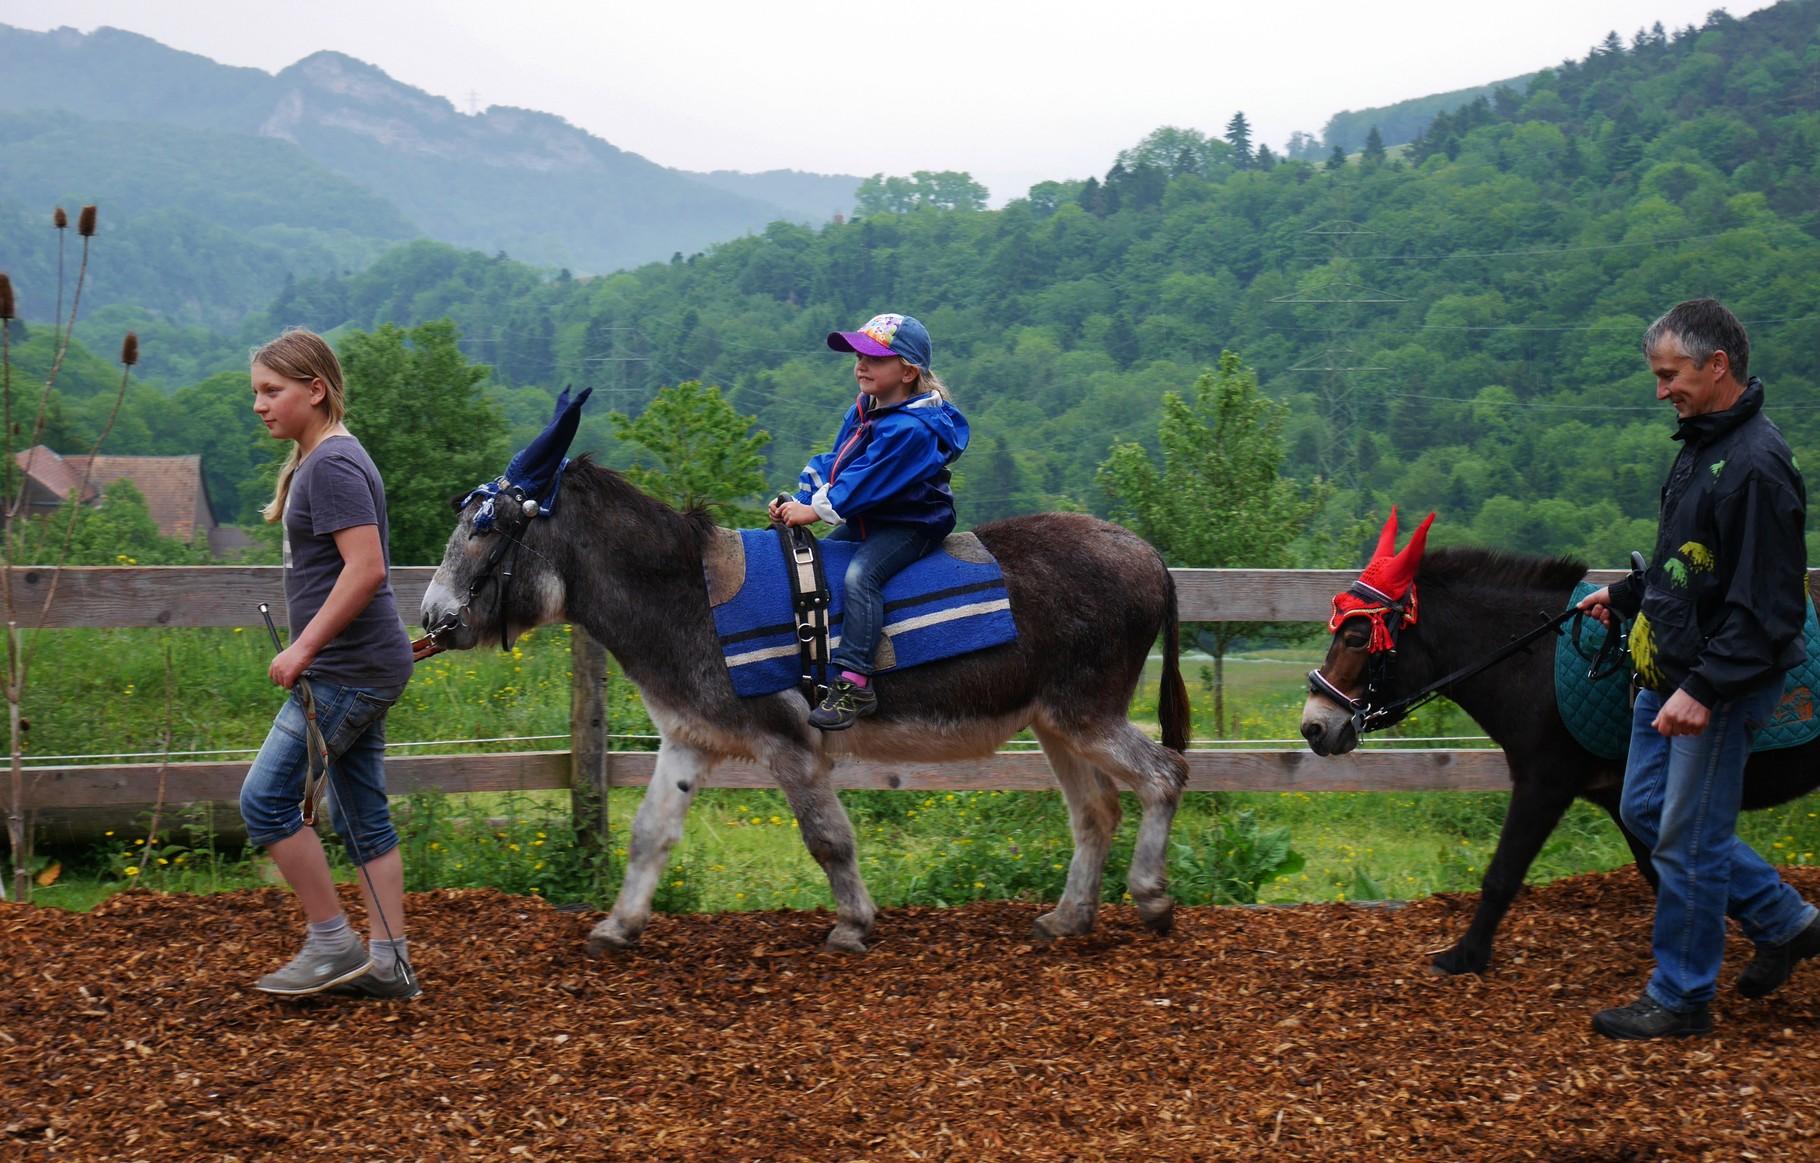 Esel und Maultier drehen ihre Runden für die jungen Gäste